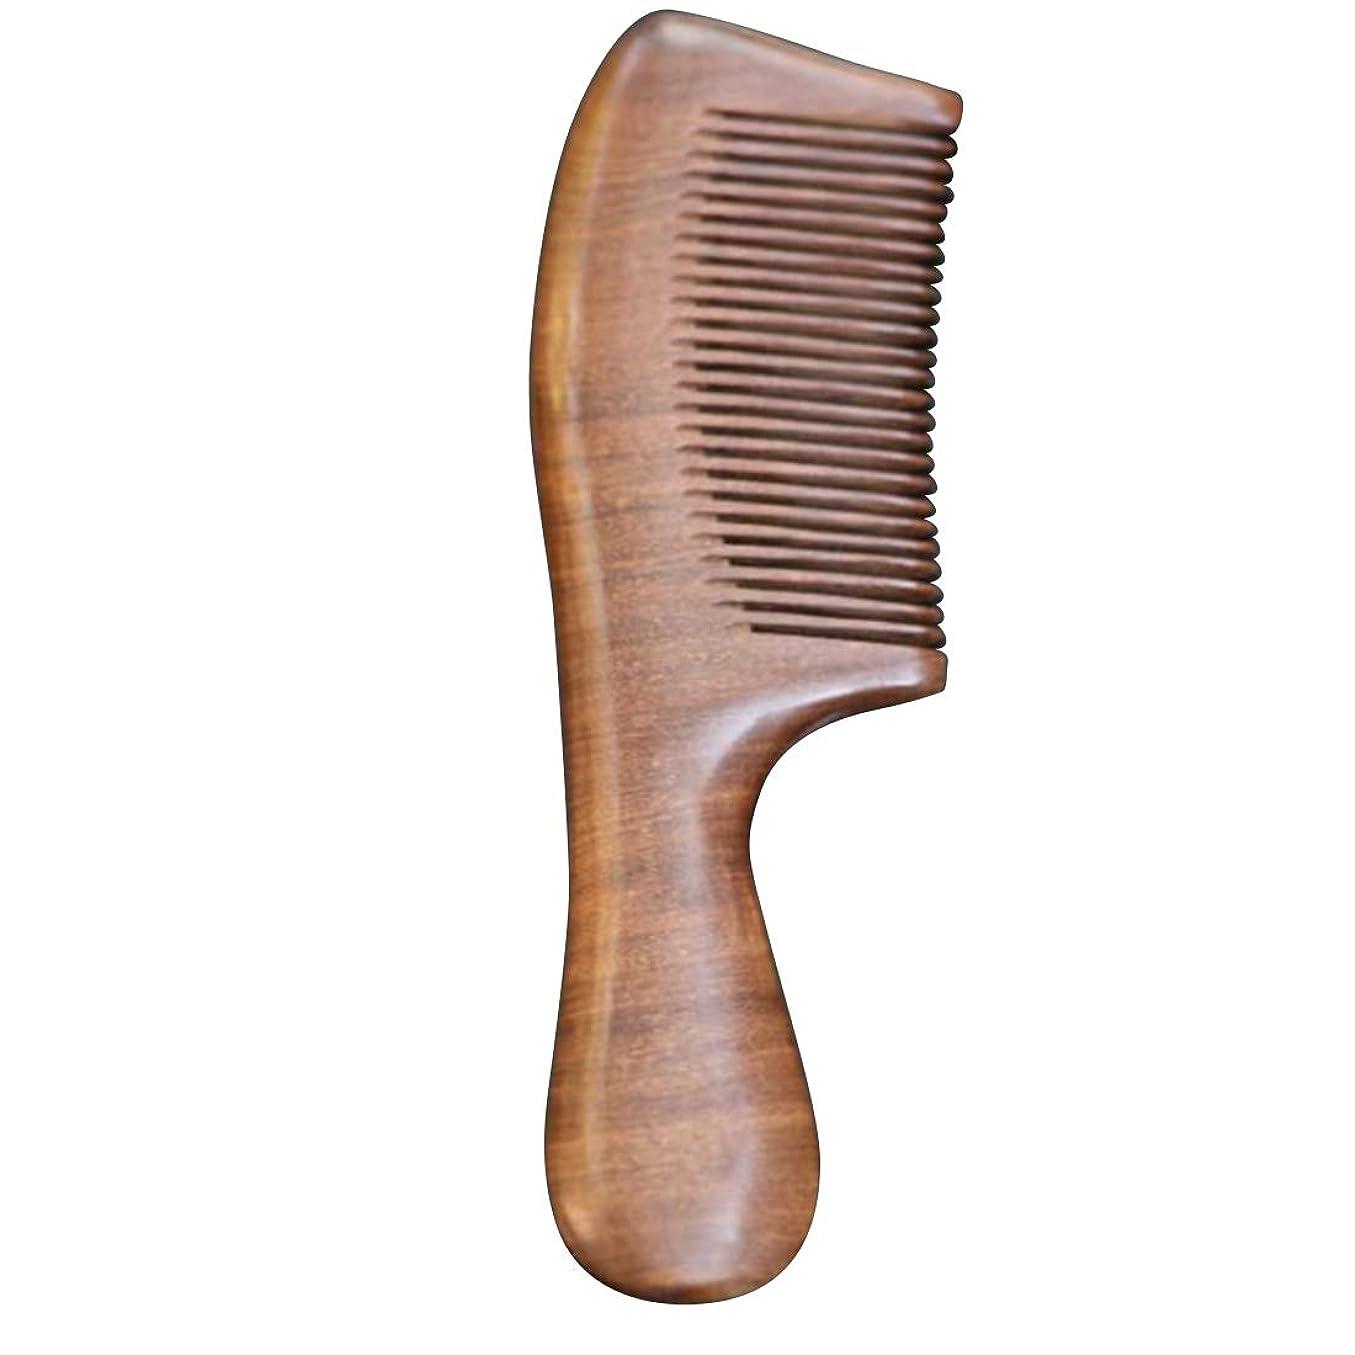 アダルト寛解擬人化Guomao ファミリーのヘアコーム-静電気防止木材と手つかずの手作りブラシ (色 : ゴールド)